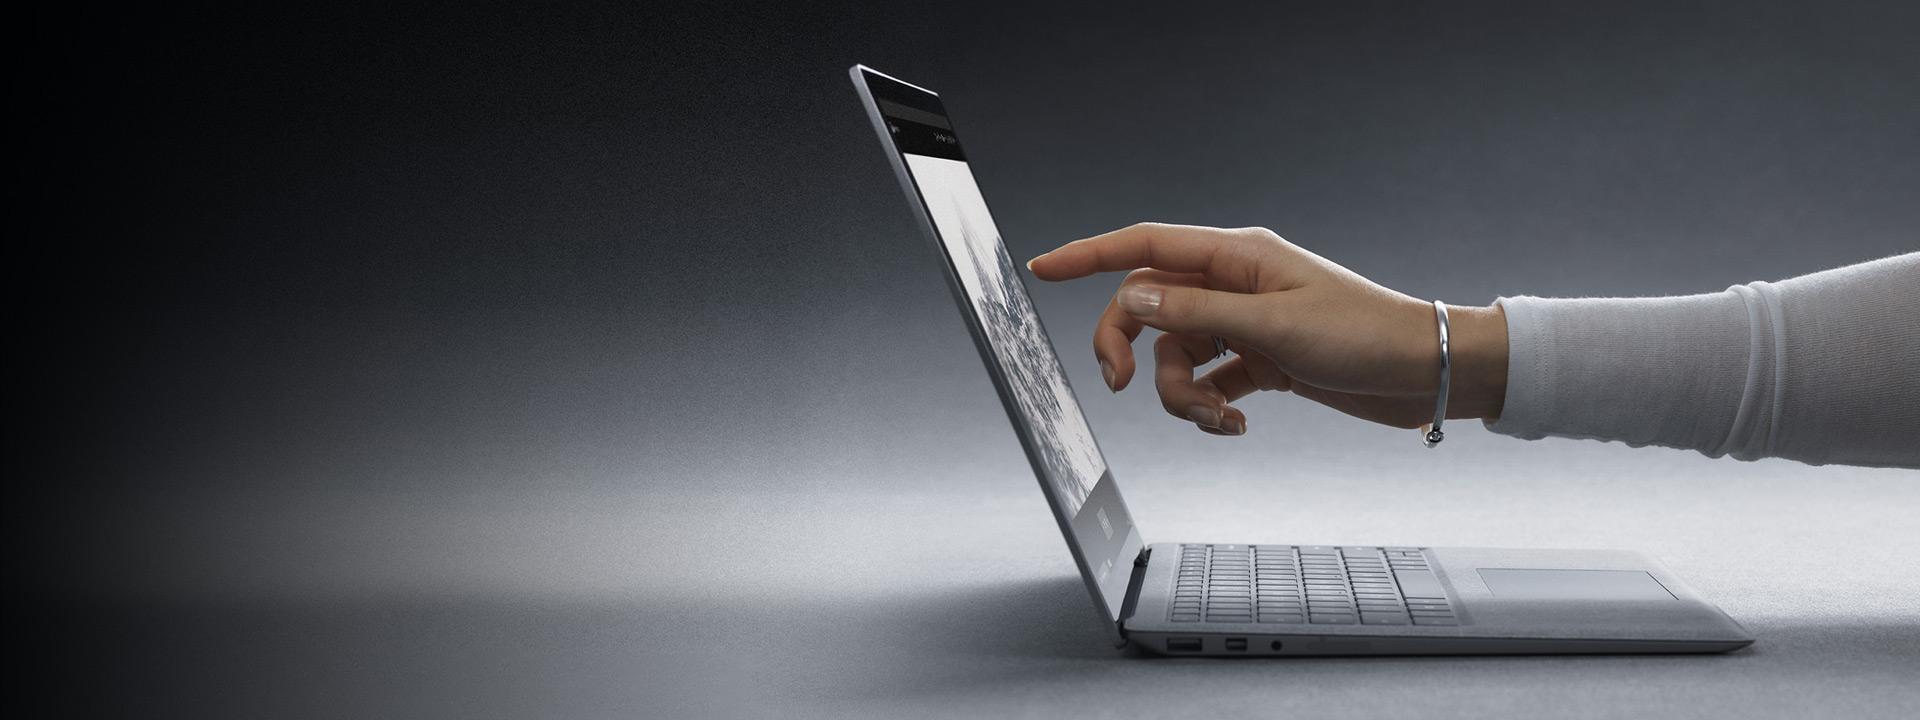 Dziewczyna dotyka ekranu Surface Laptop 2